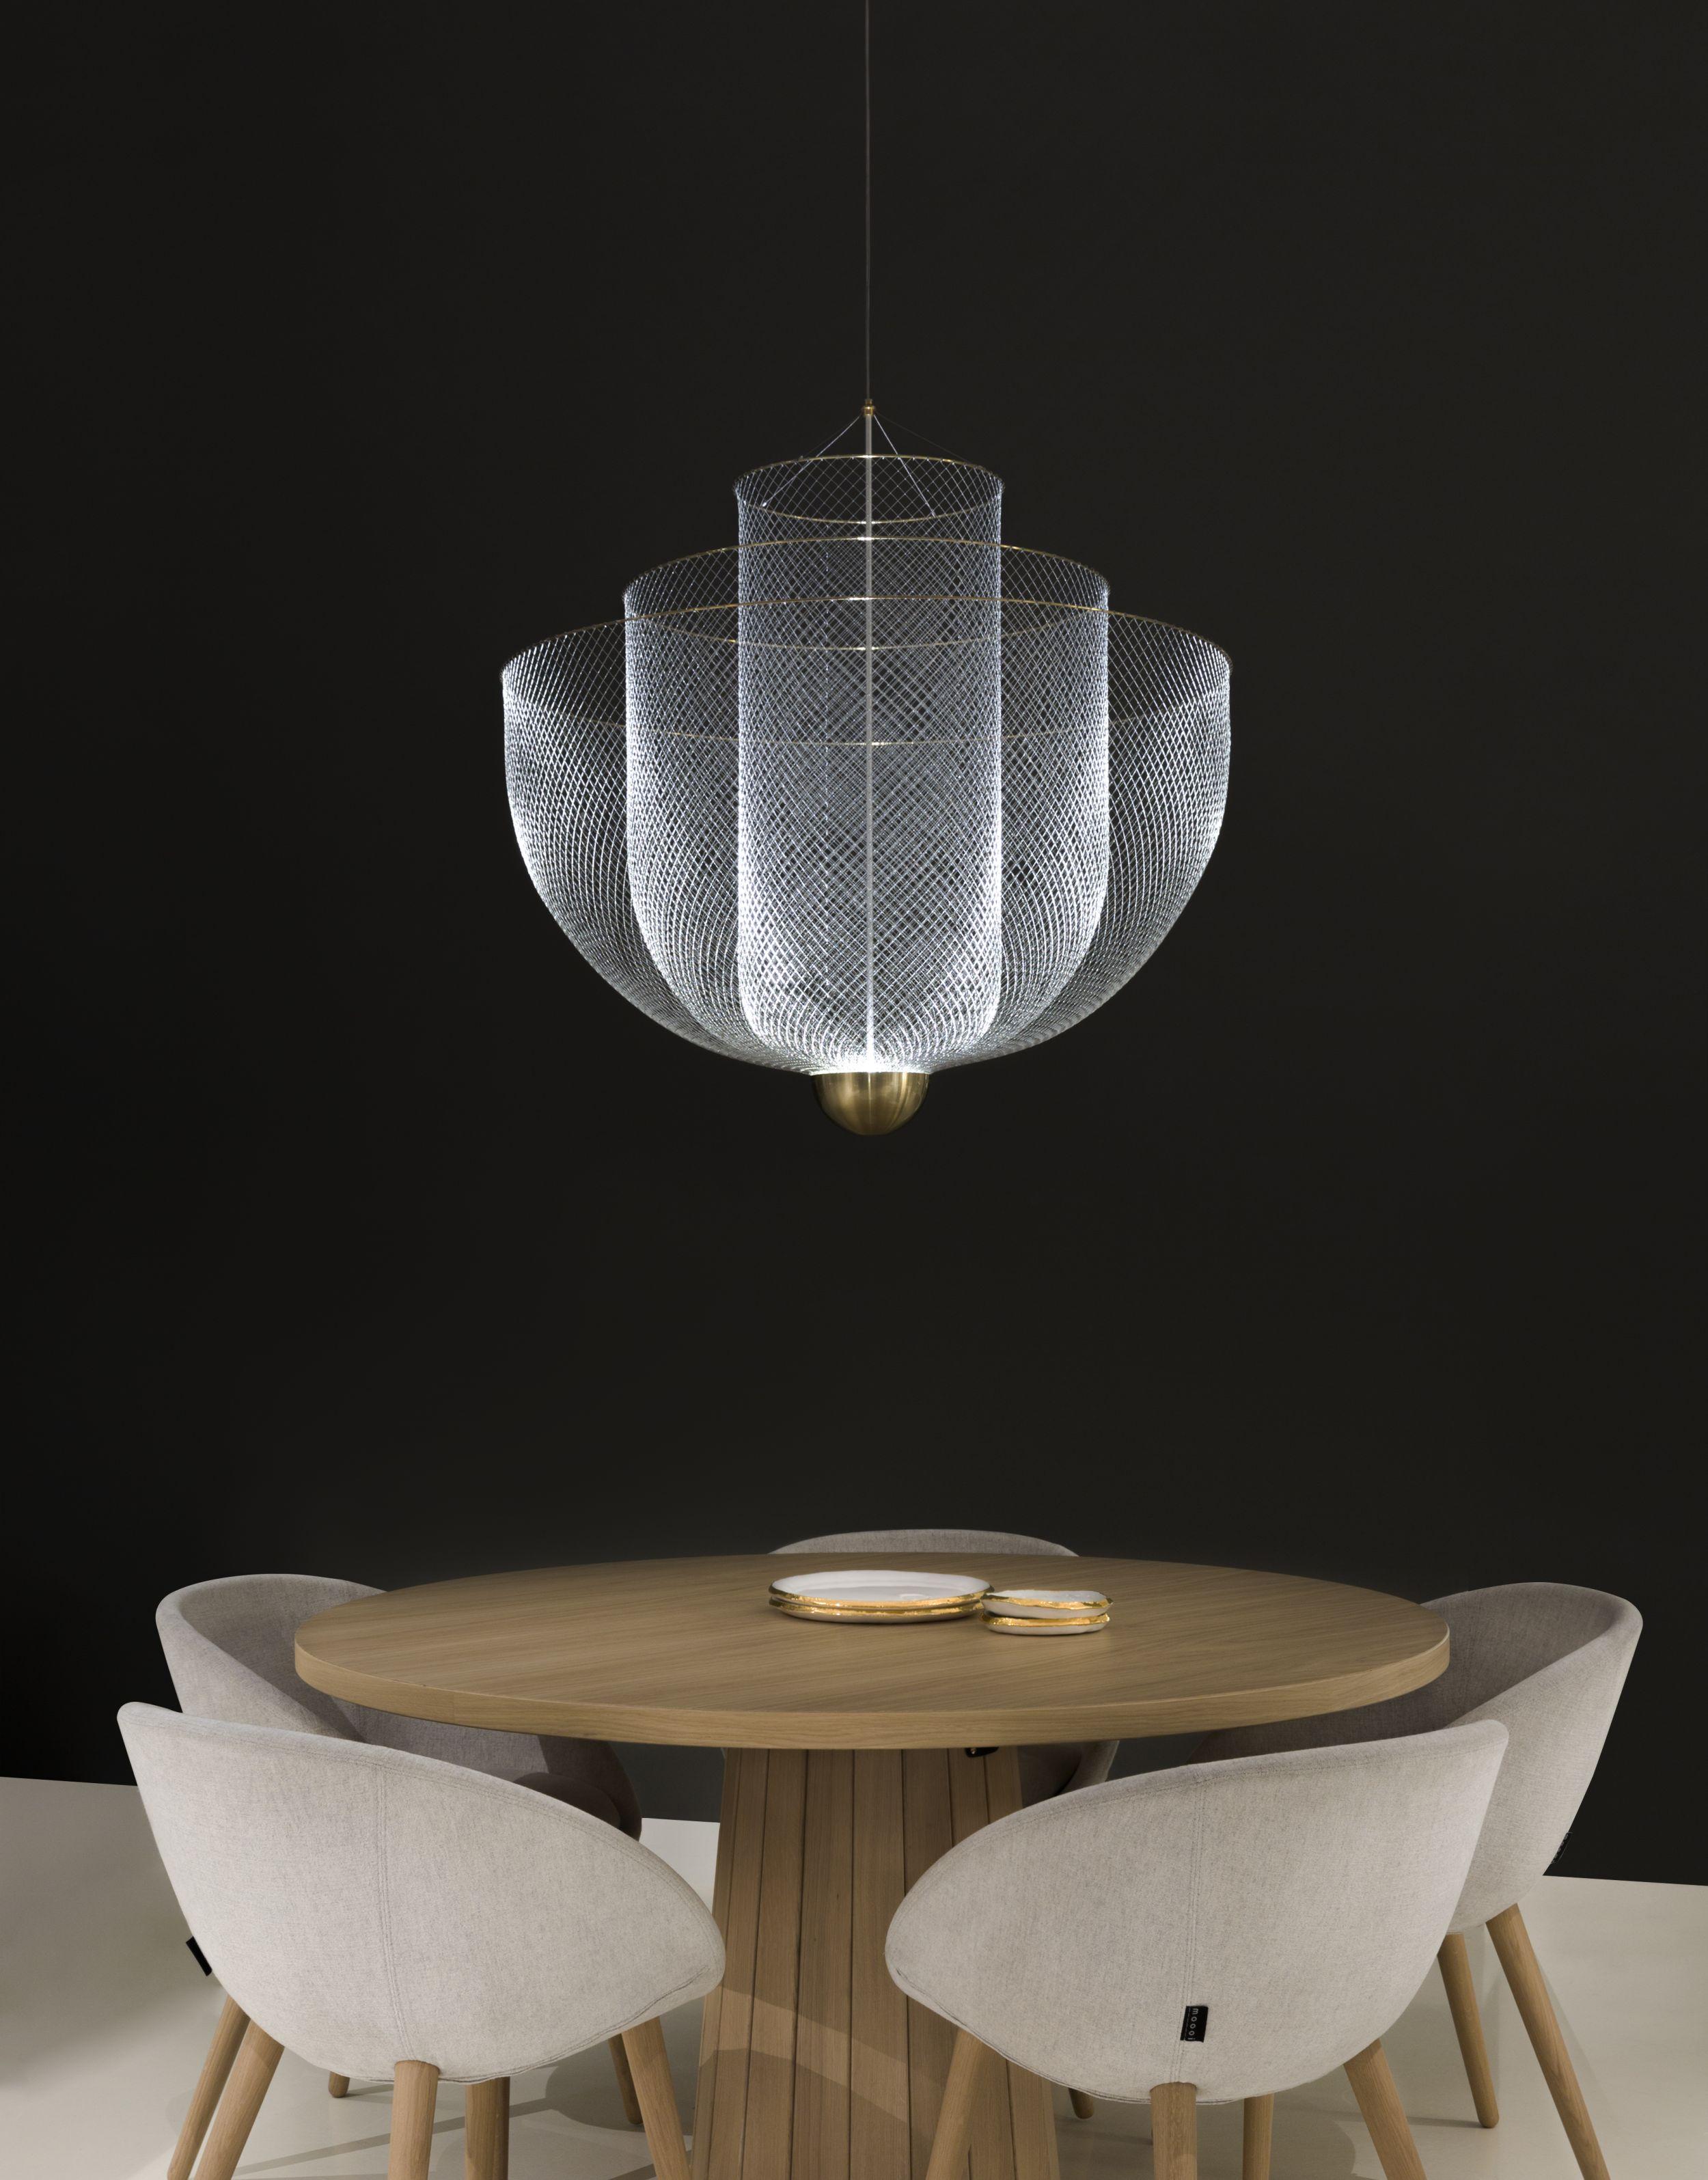 meshmatics chandelier mise en sc ne distribution d clairages d coratifs marseille. Black Bedroom Furniture Sets. Home Design Ideas